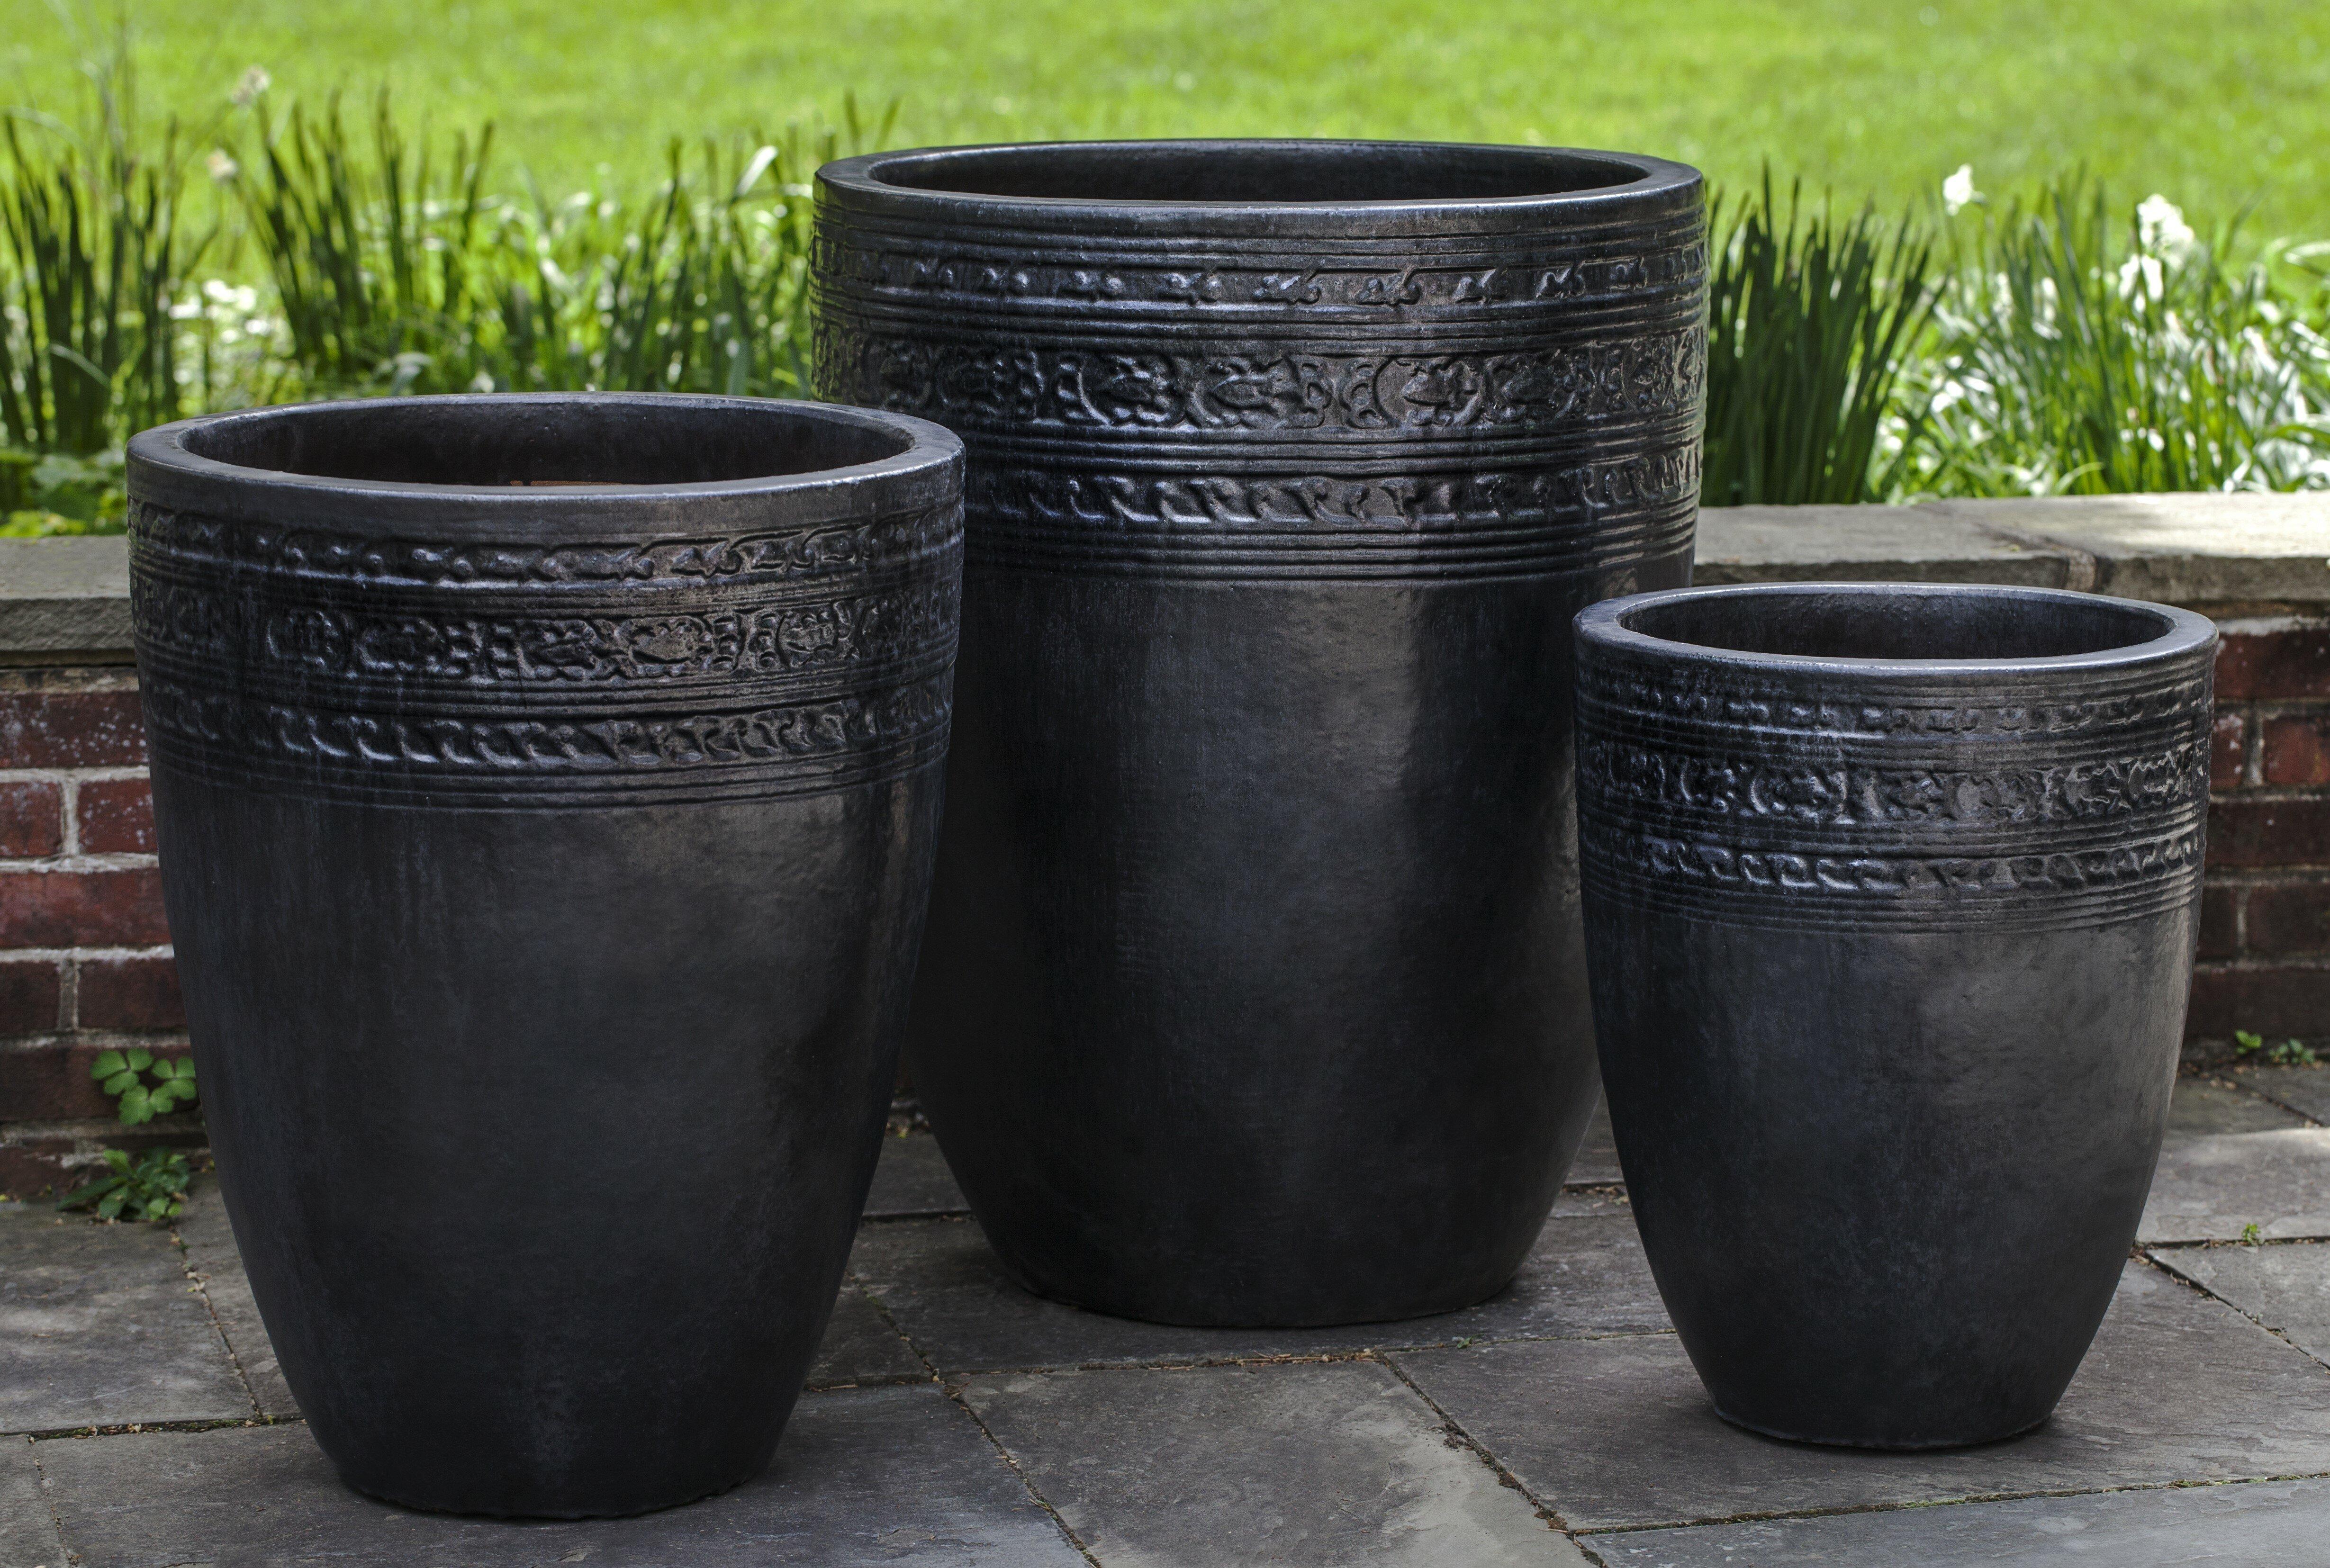 Campania International Inc Sari 3 Piece Pot Planter Set Wayfair